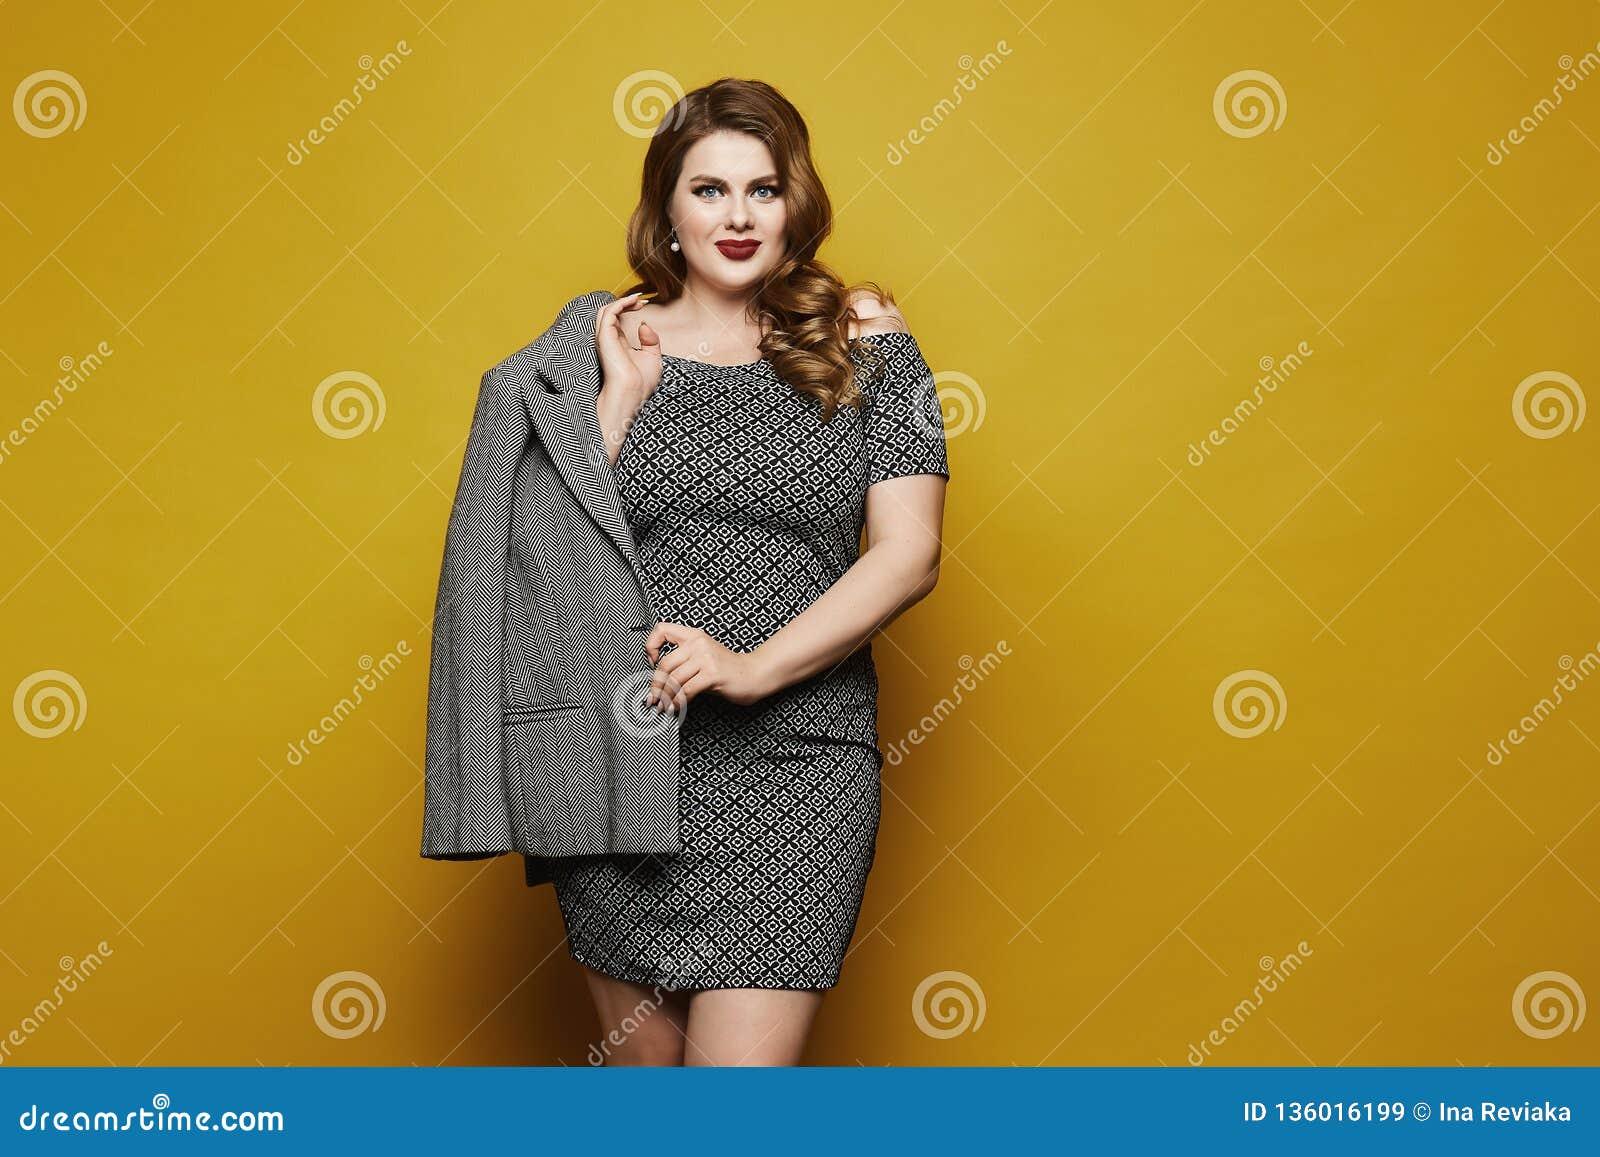 Plus sexig modellflicka för format, trendig blondin med ljus makeup och med den stilfulla frisyren i klänningen med geometriskt